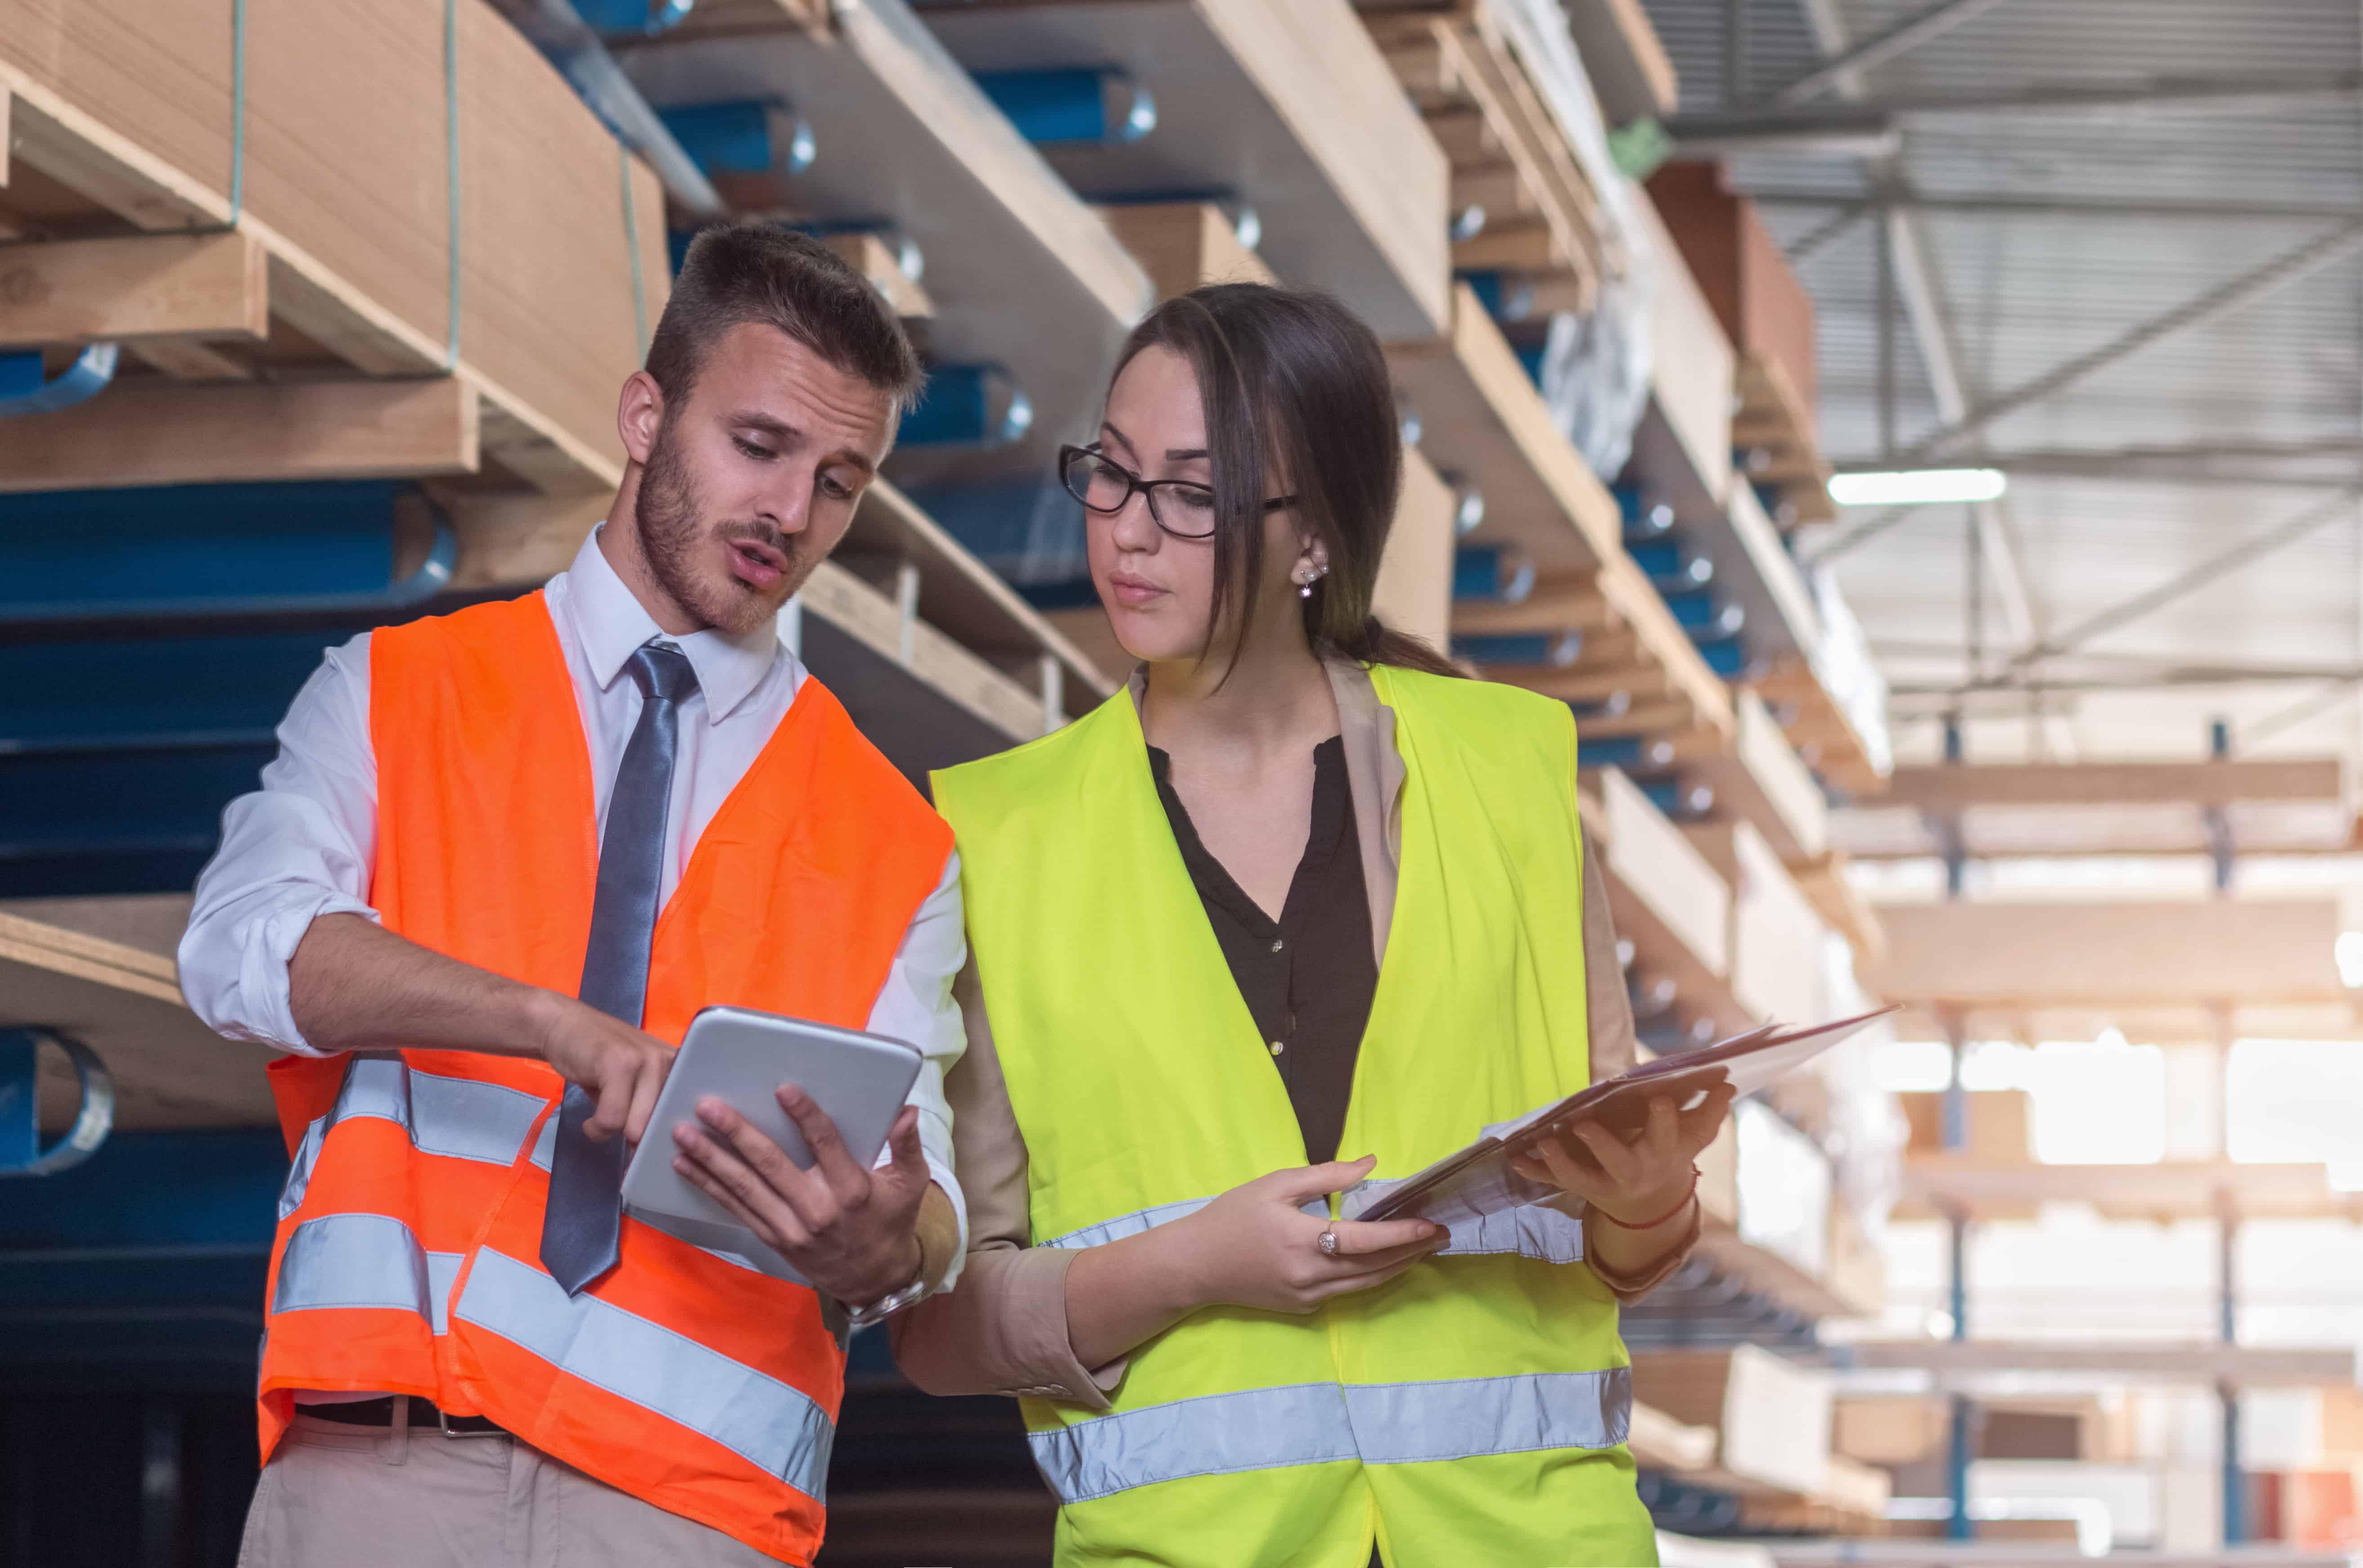 Health & Safety Management | OHSAS 18001